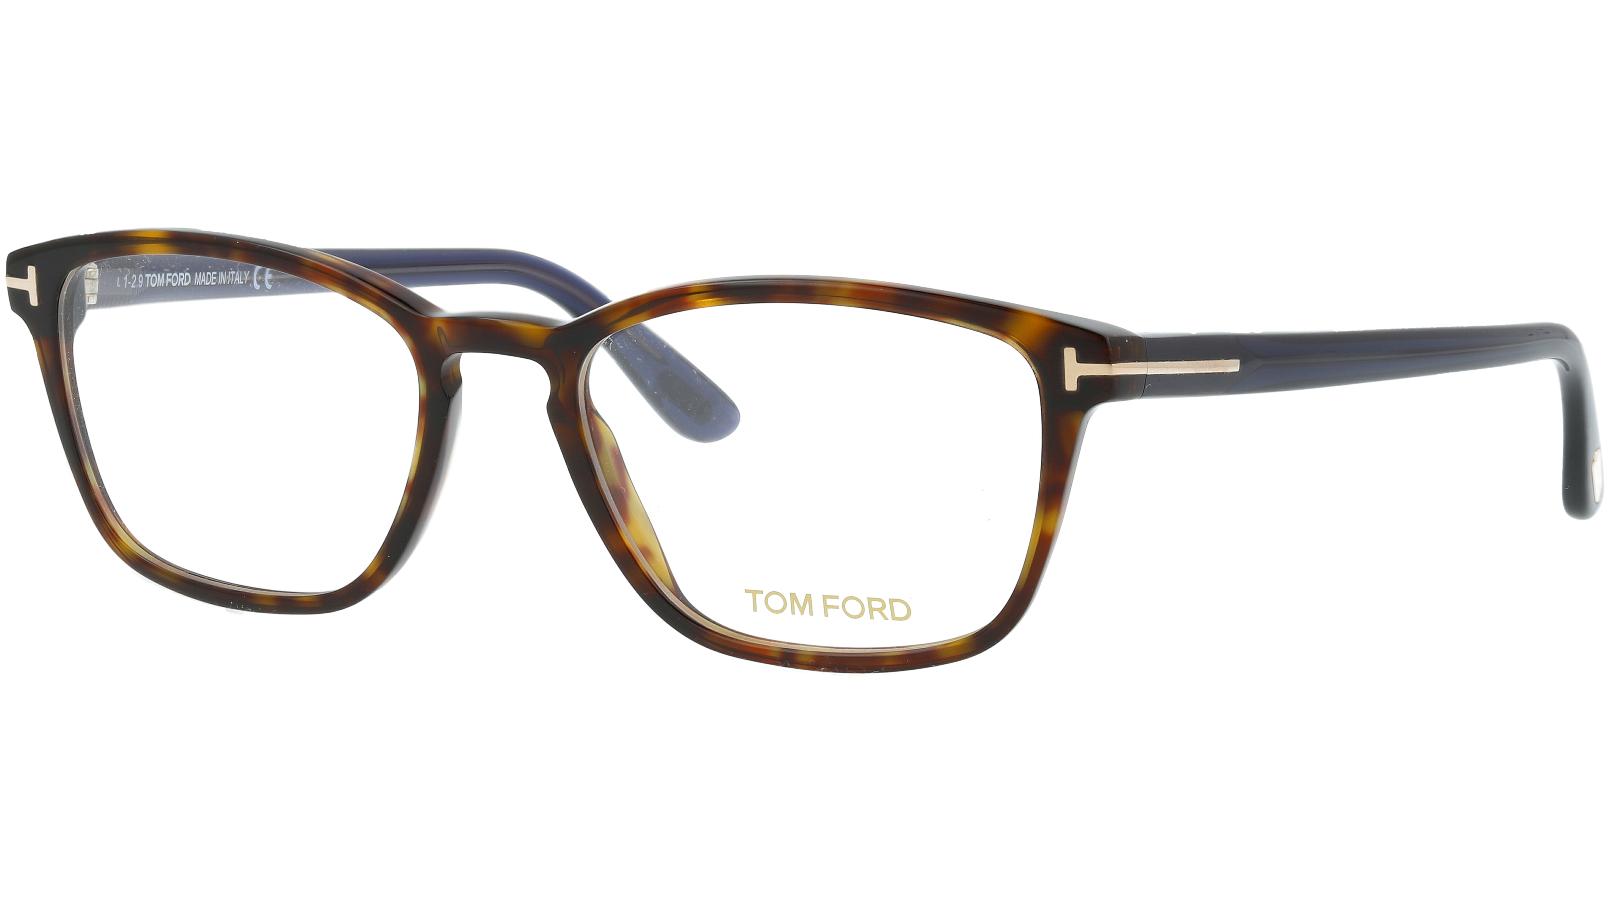 TOM FORD FT5355 052 54 HAVANA Glasses